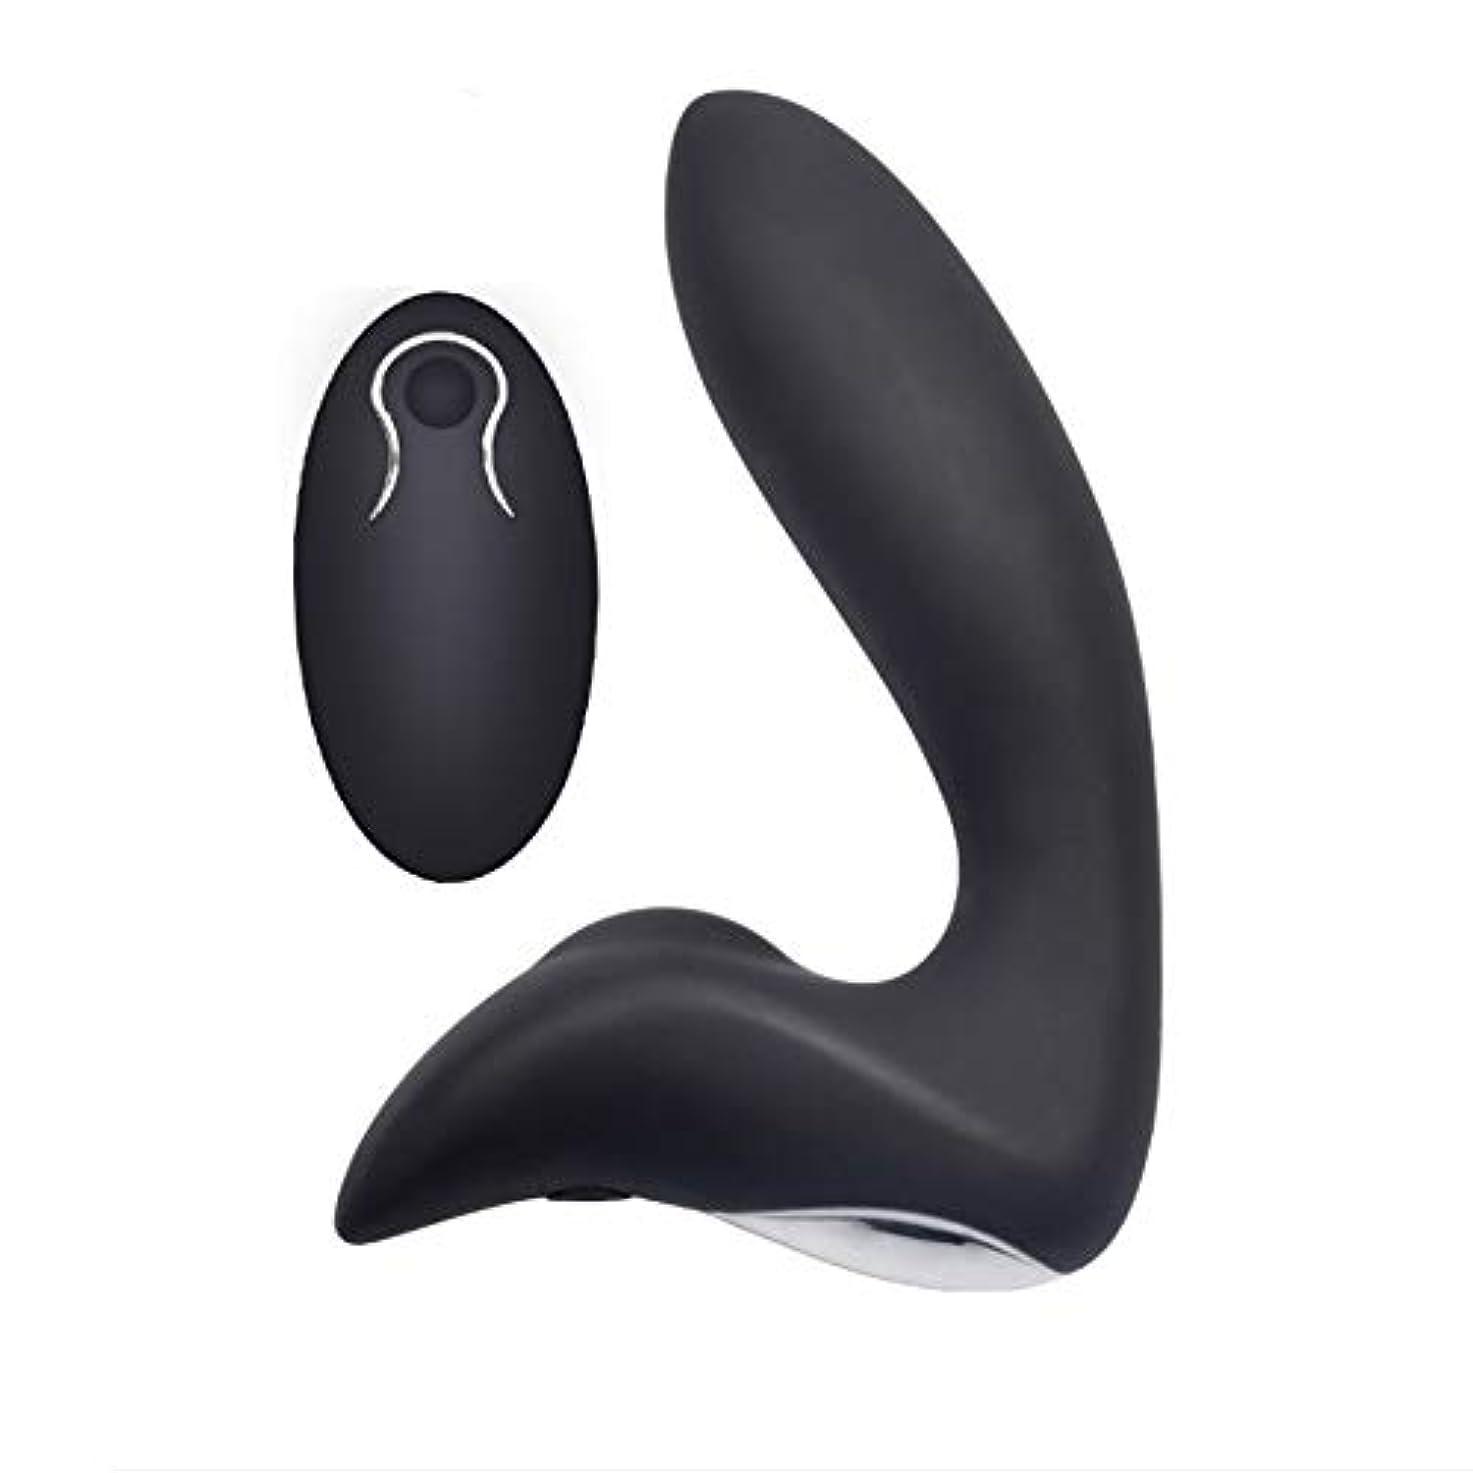 記念碑世辞楽観的電気式マッサージ器前立腺マッサージ器黒色リモートコントロール付き12周波数感受性領域は静かな防水性大人を刺激する